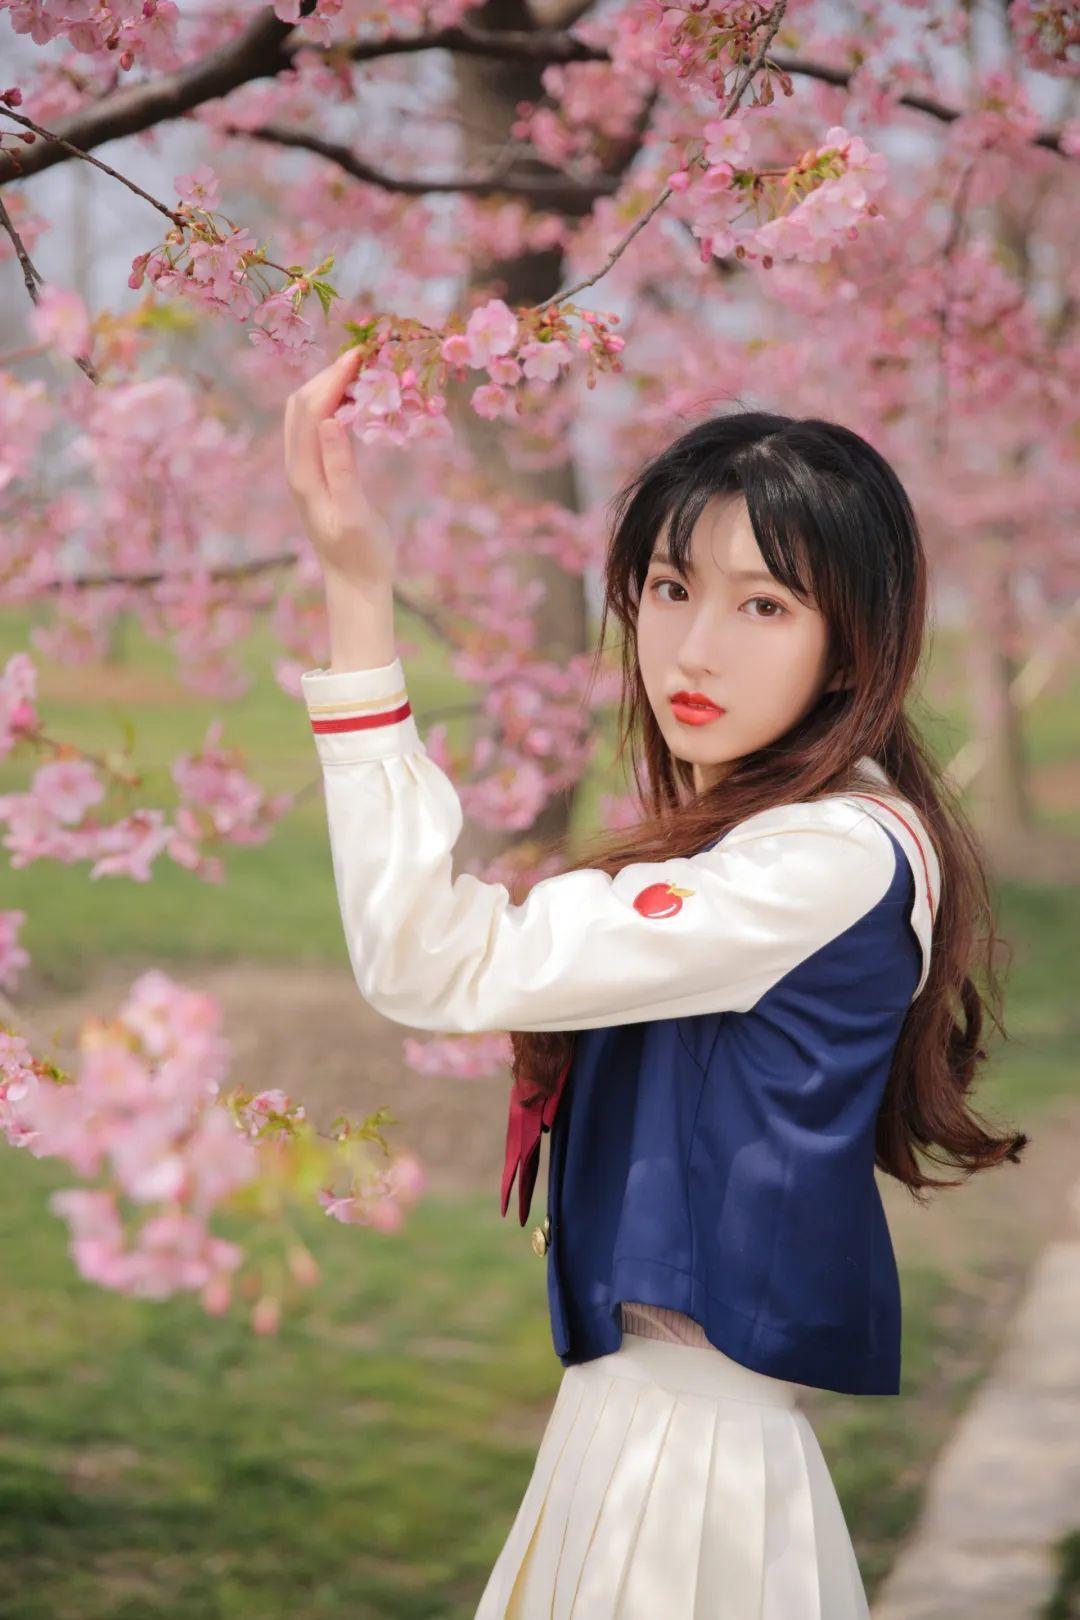 妹子摄影 – 粉粉的日系少女樱花树下写真_图片 No.30